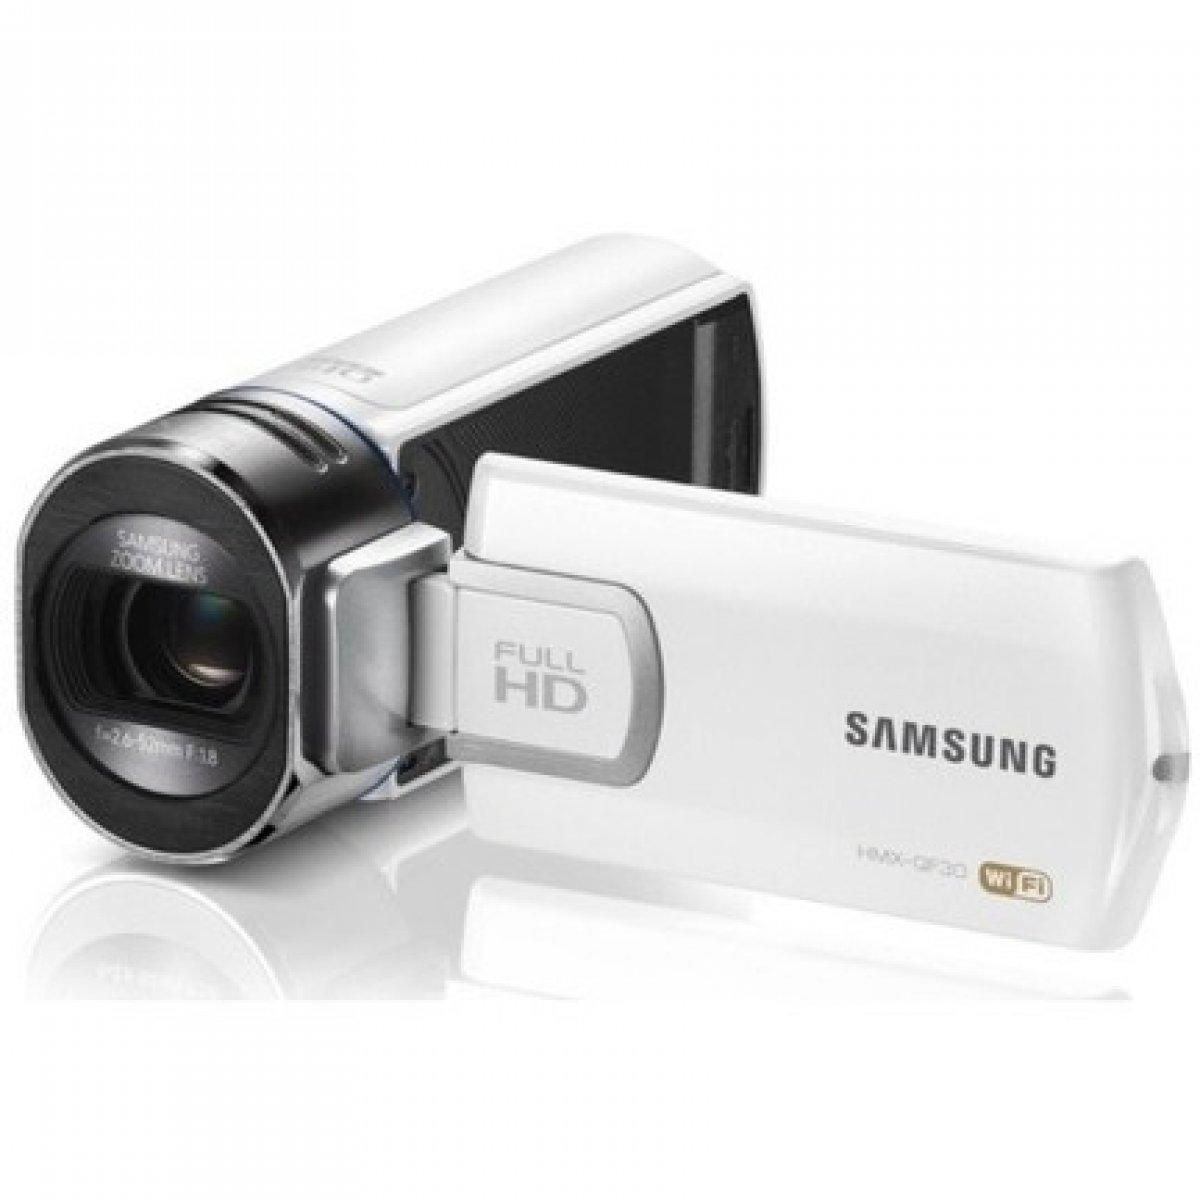 Günlük Kiralık Handycam El Kamerası - Full HD